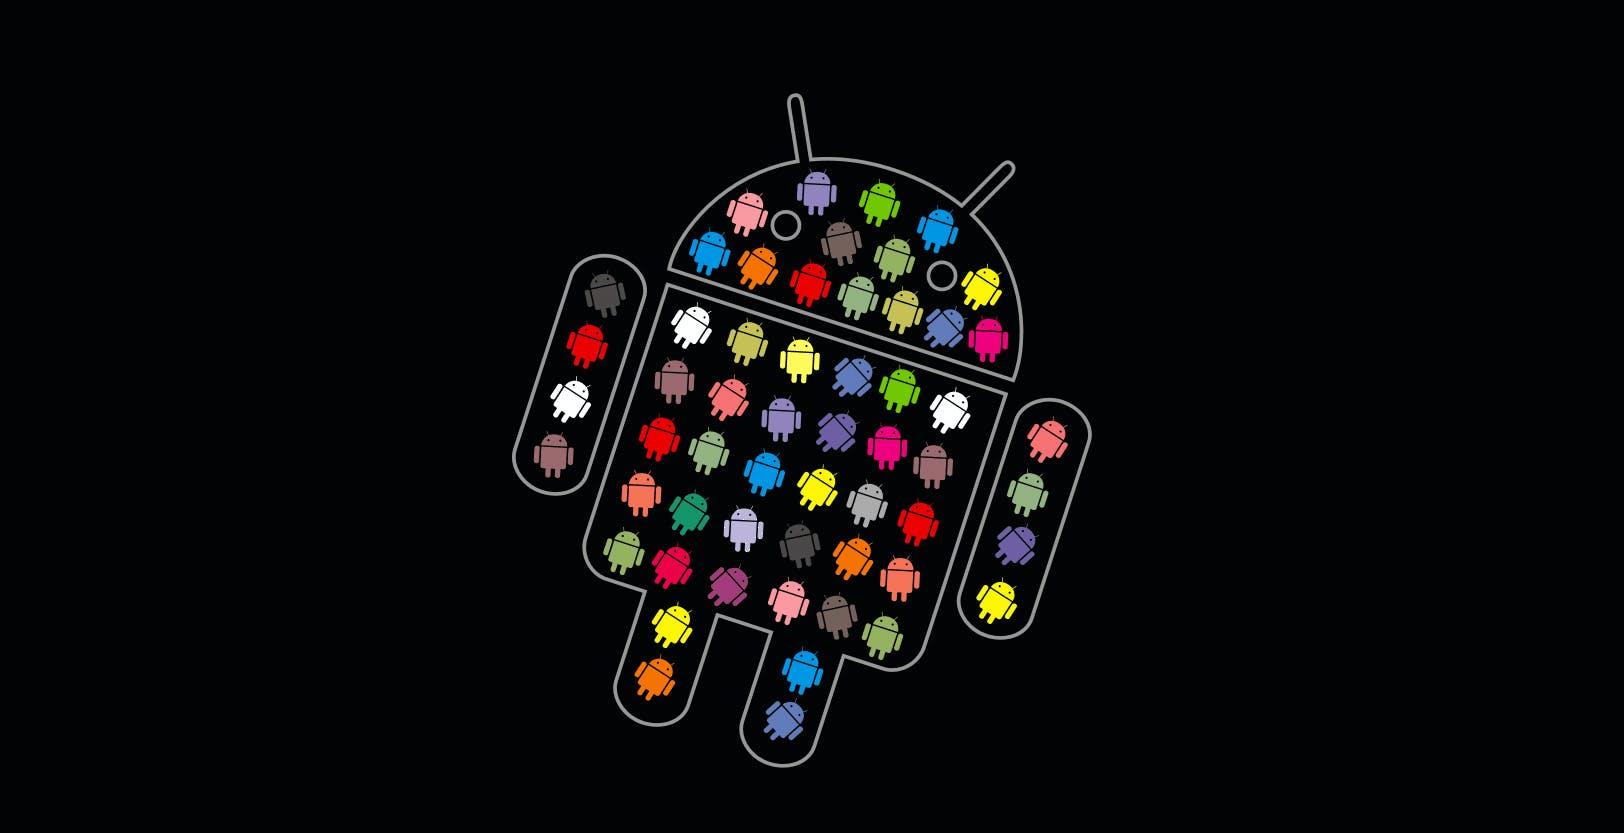 Android inizia a stare stretto a chi cerca innovazione. Google punta ad altro: vuole la massima compatibilità